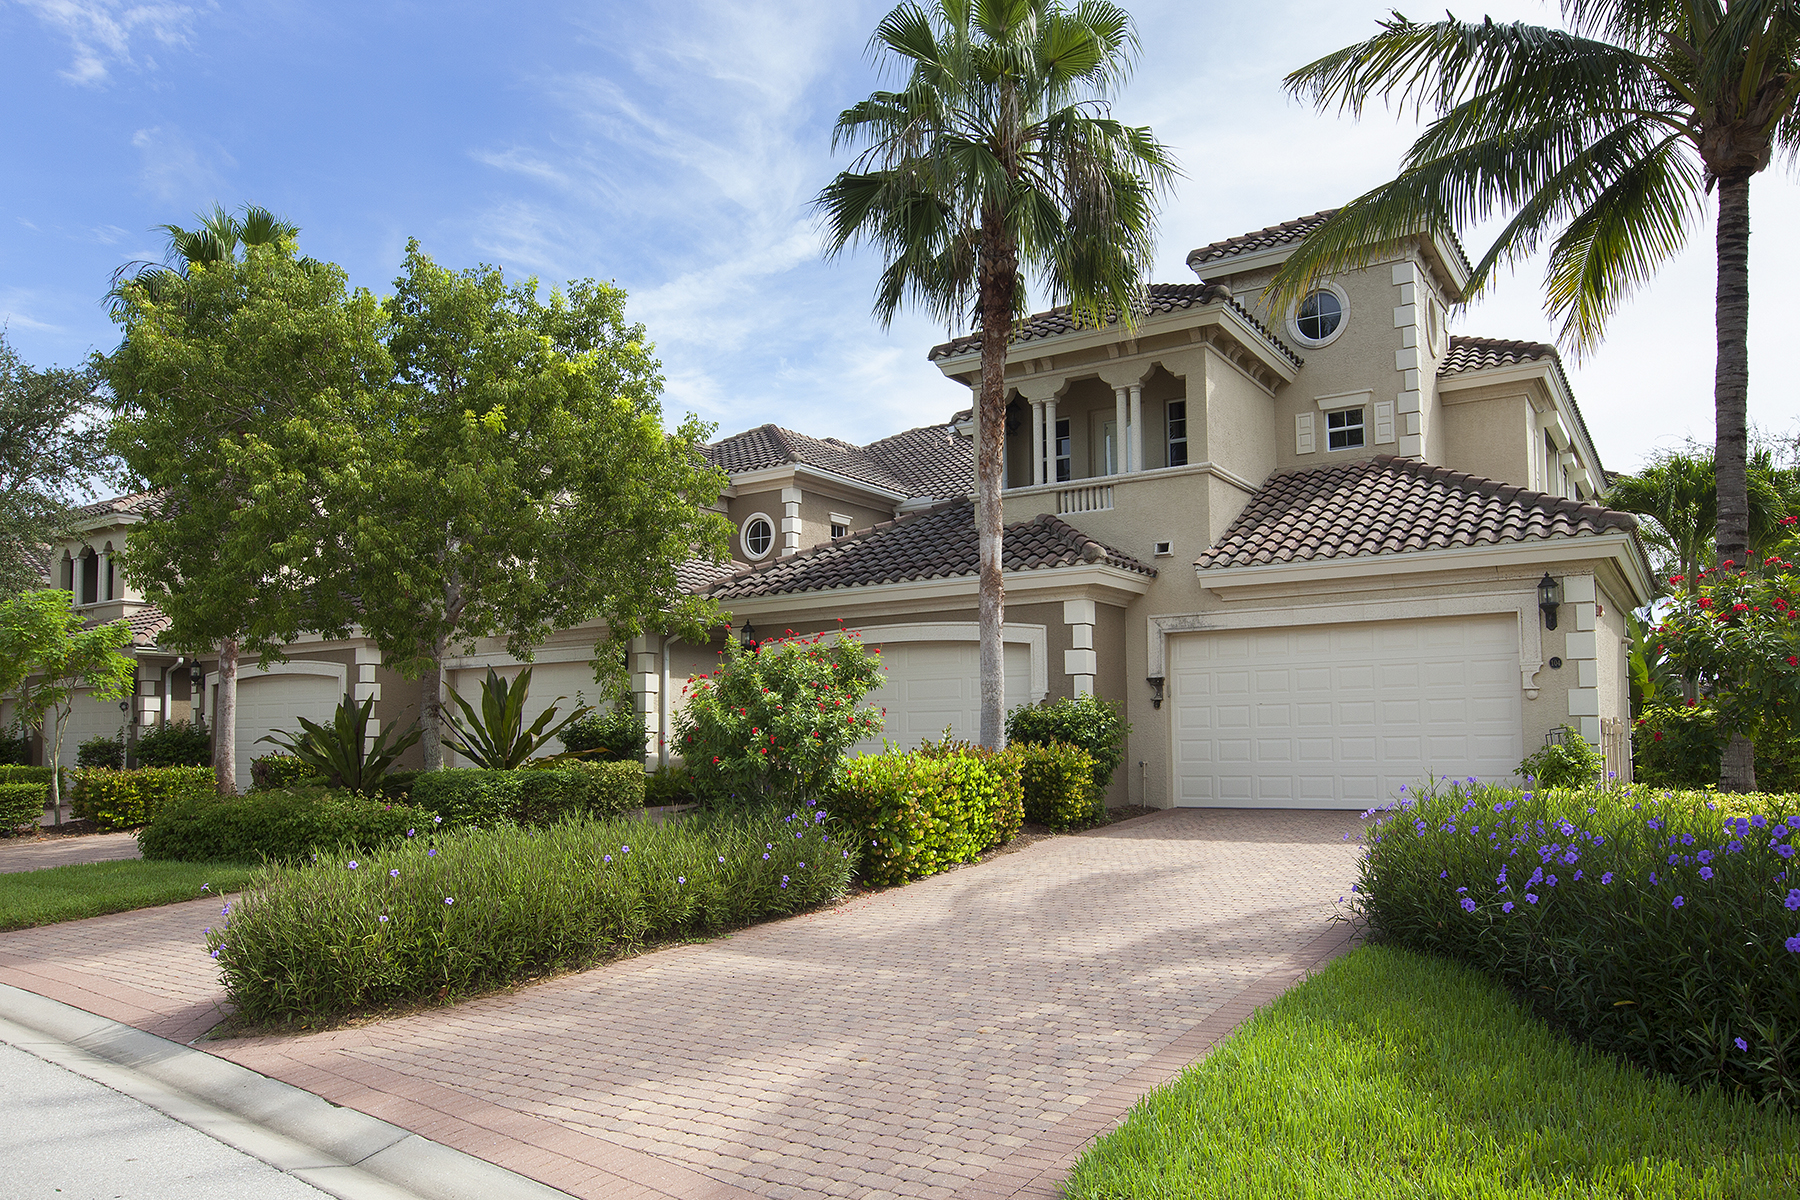 Condomínio para Venda às FIDDLER'S CREEK - VARENNA 9270 Campanile Cir 104 Naples, Florida, 34114 Estados Unidos